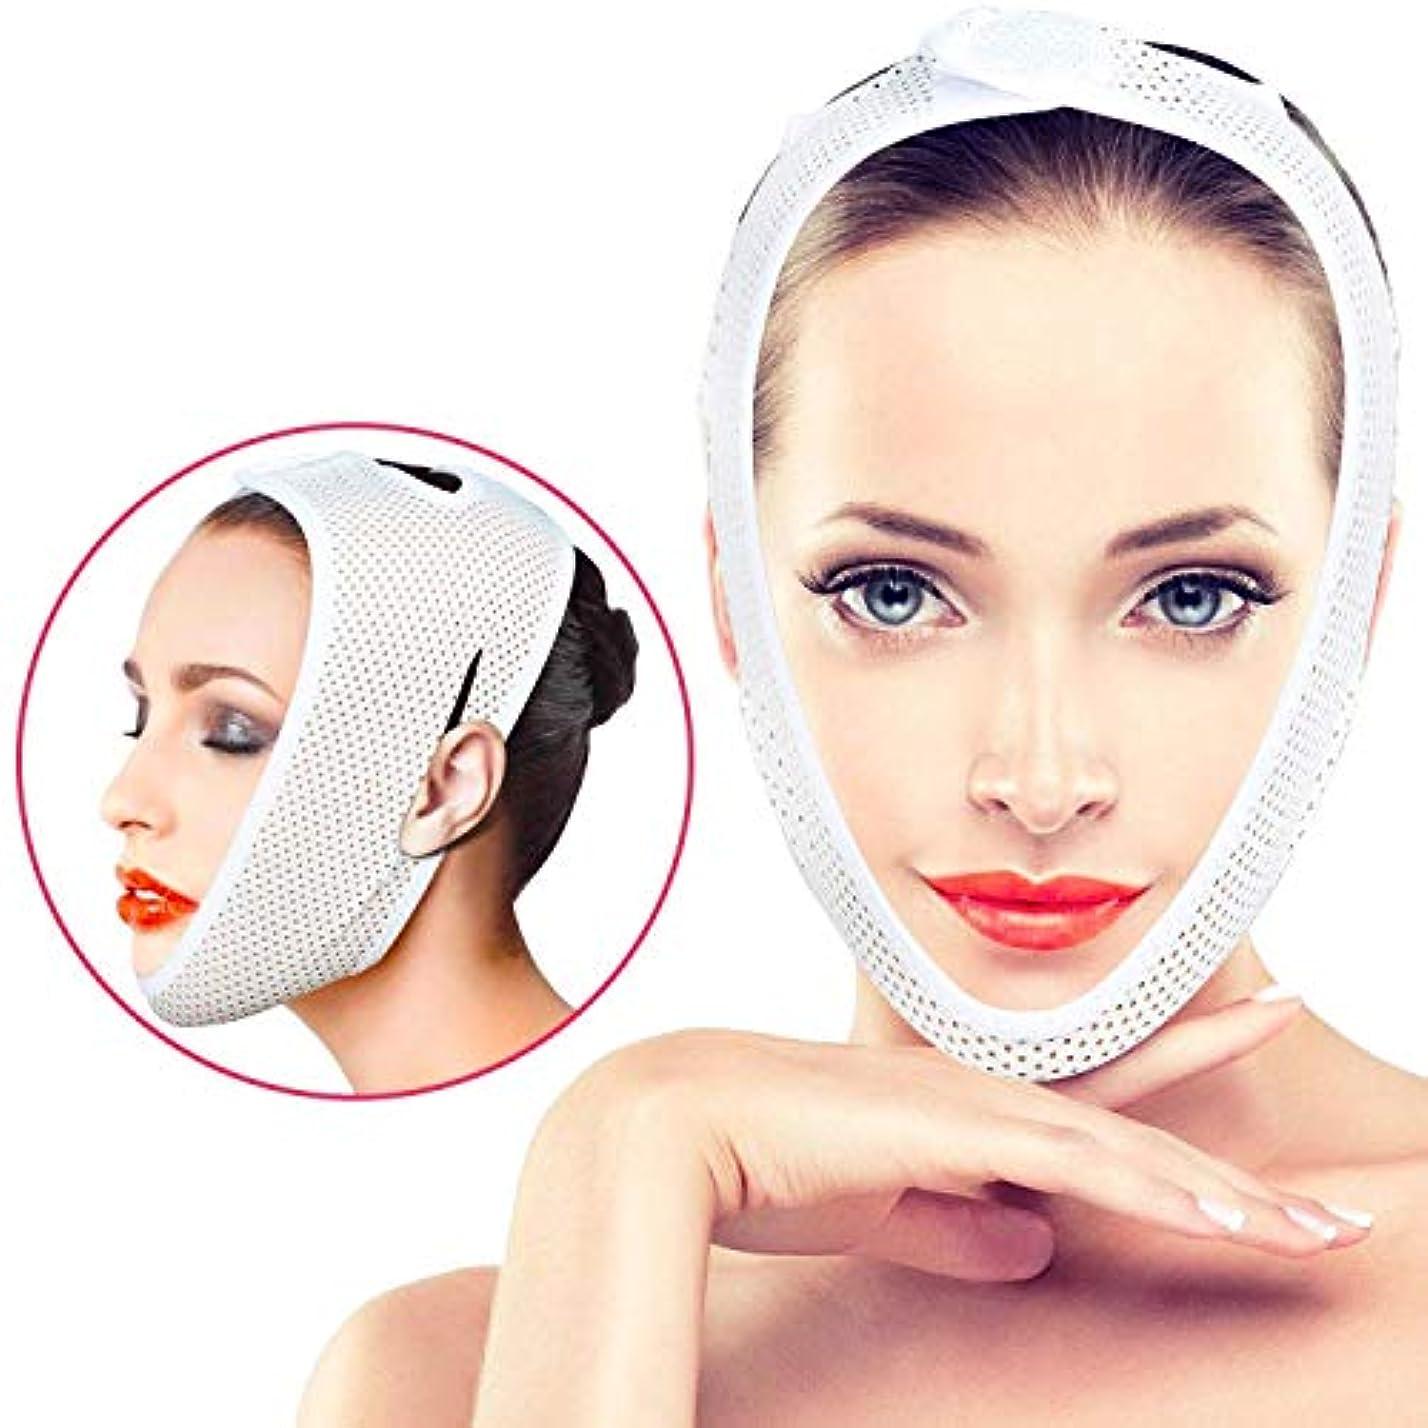 真空知り合い代替WSJTT パッチ通気チンケアを締め付け女性のための顔のリフティングベルト、Vラインチンチークリフトアップバンドアンチリンクル包帯、スリミング包帯二重あごケア減量Vフェイスベルト補正ベルト